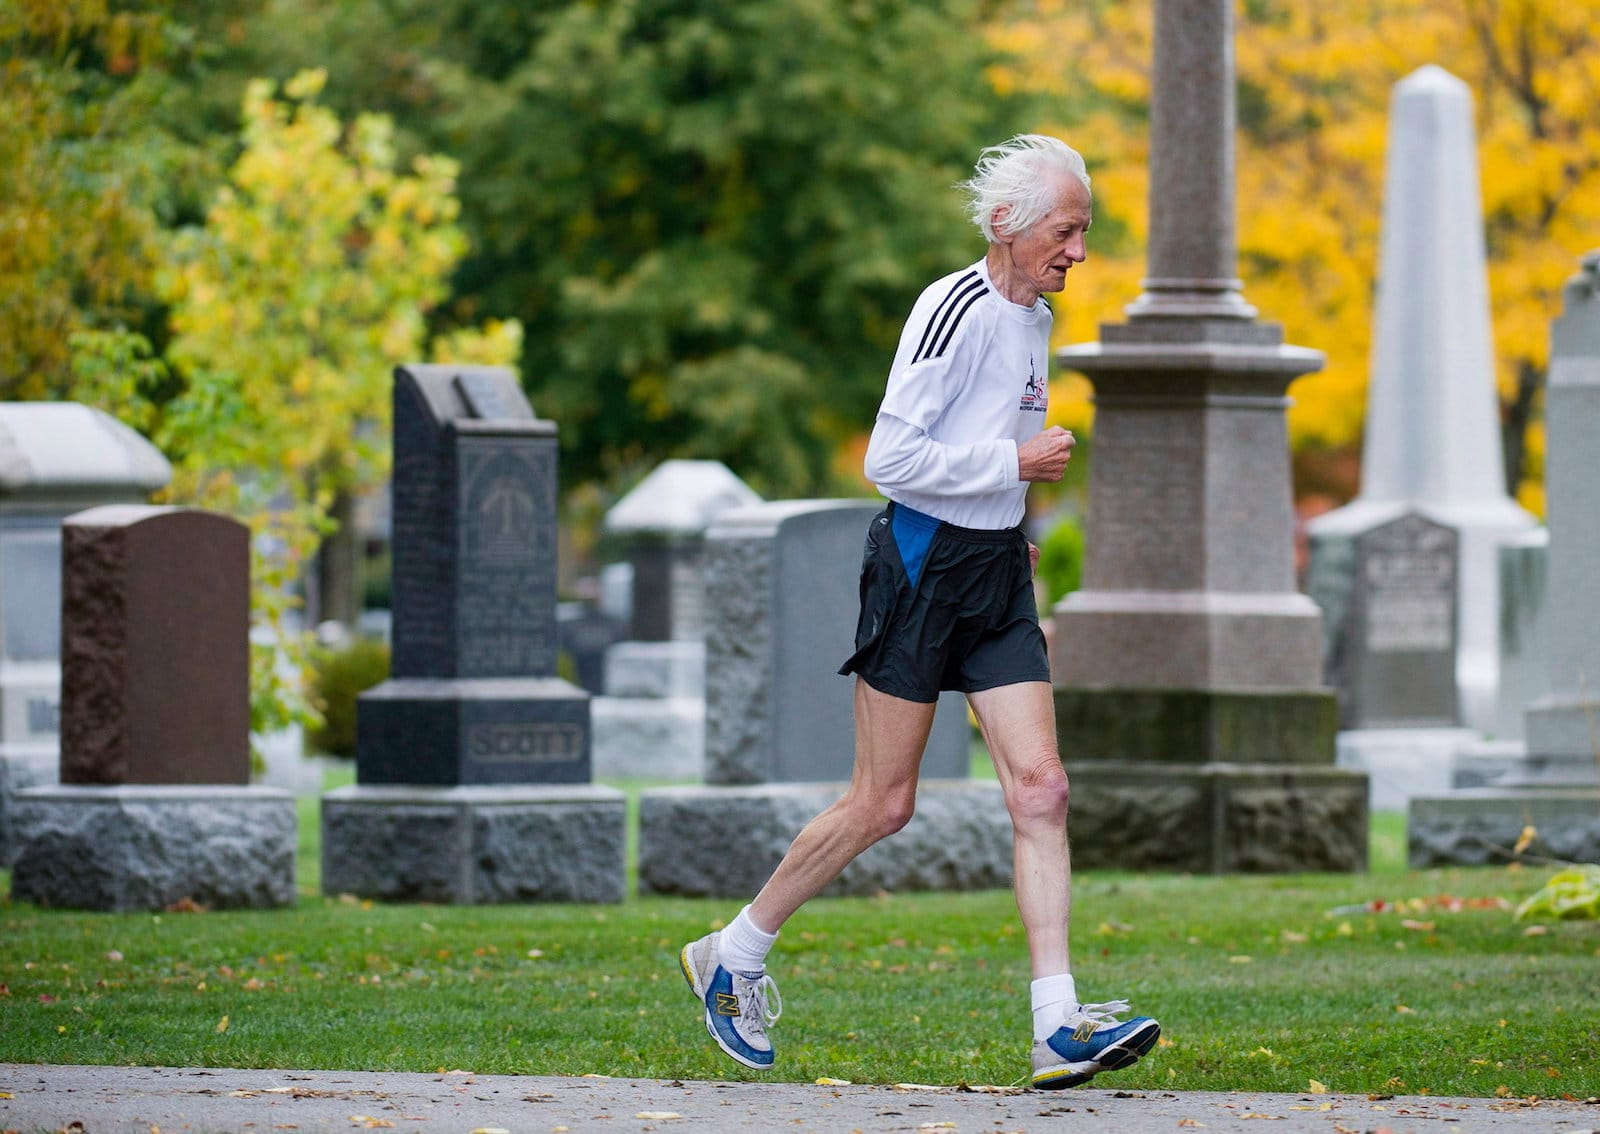 runner, 84race, chạy bộ, marathon, cụ già chạy bộ